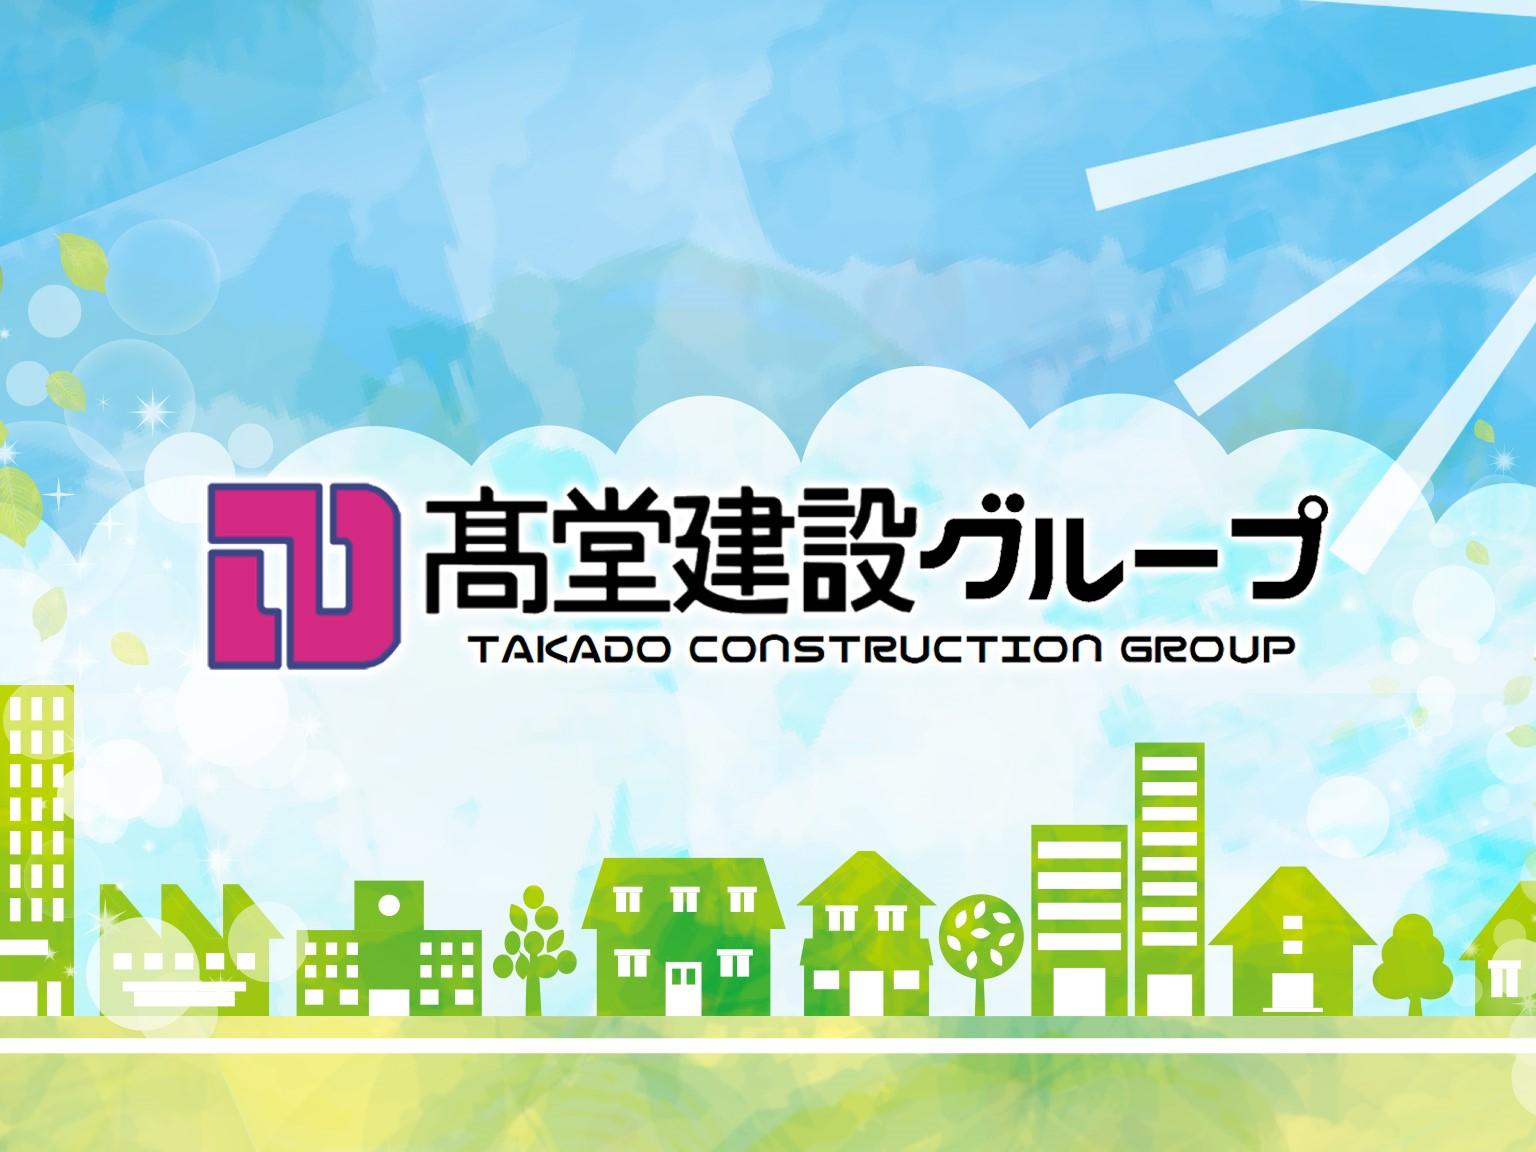 北東建設工業株式会社の建設部門との経営統合に関するお知らせ